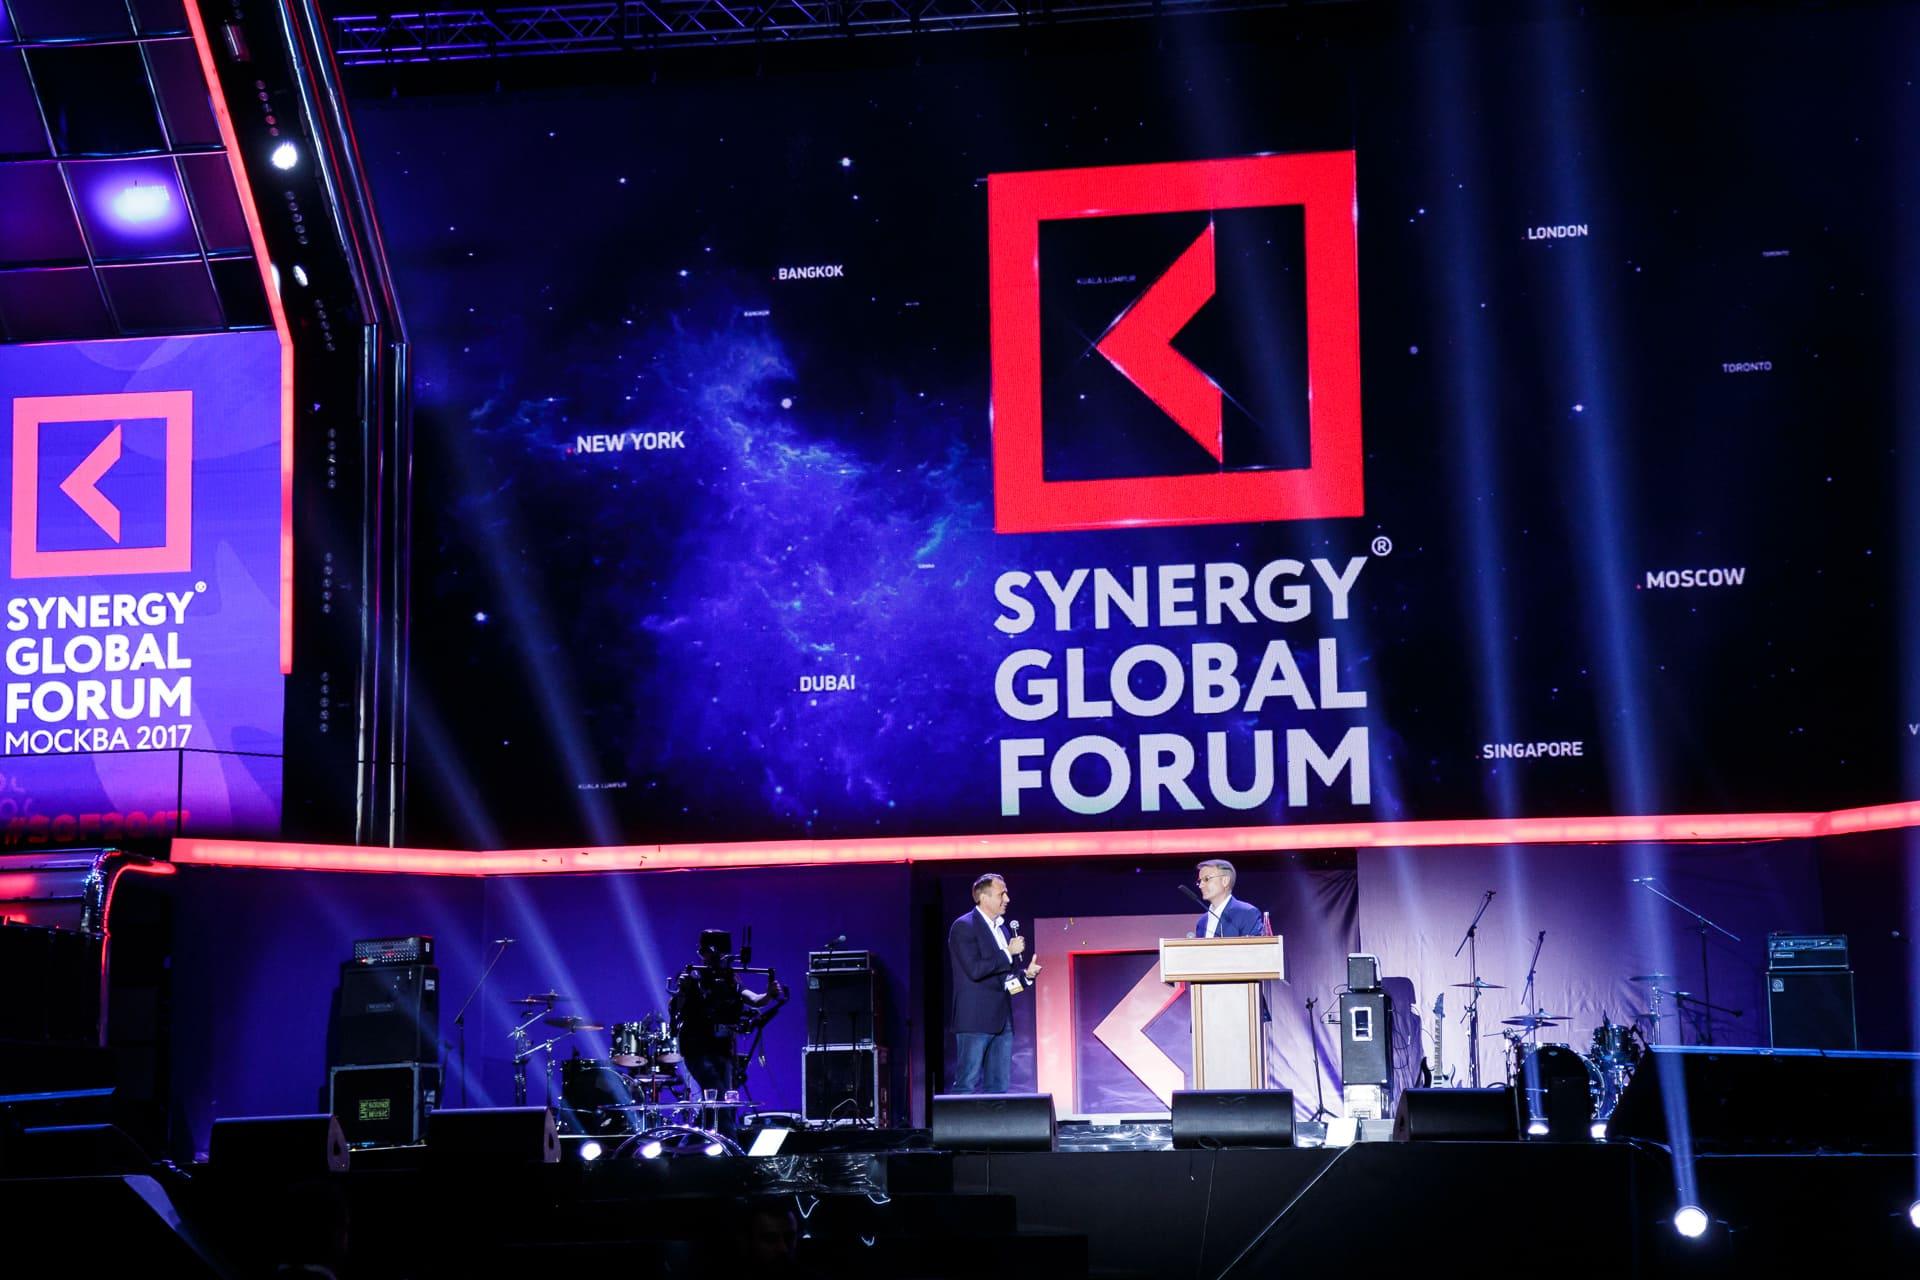 На бизнес-форуме «Синергии» выступили Майк Тайсон, Оливер Стоун и Ник Вуйчич